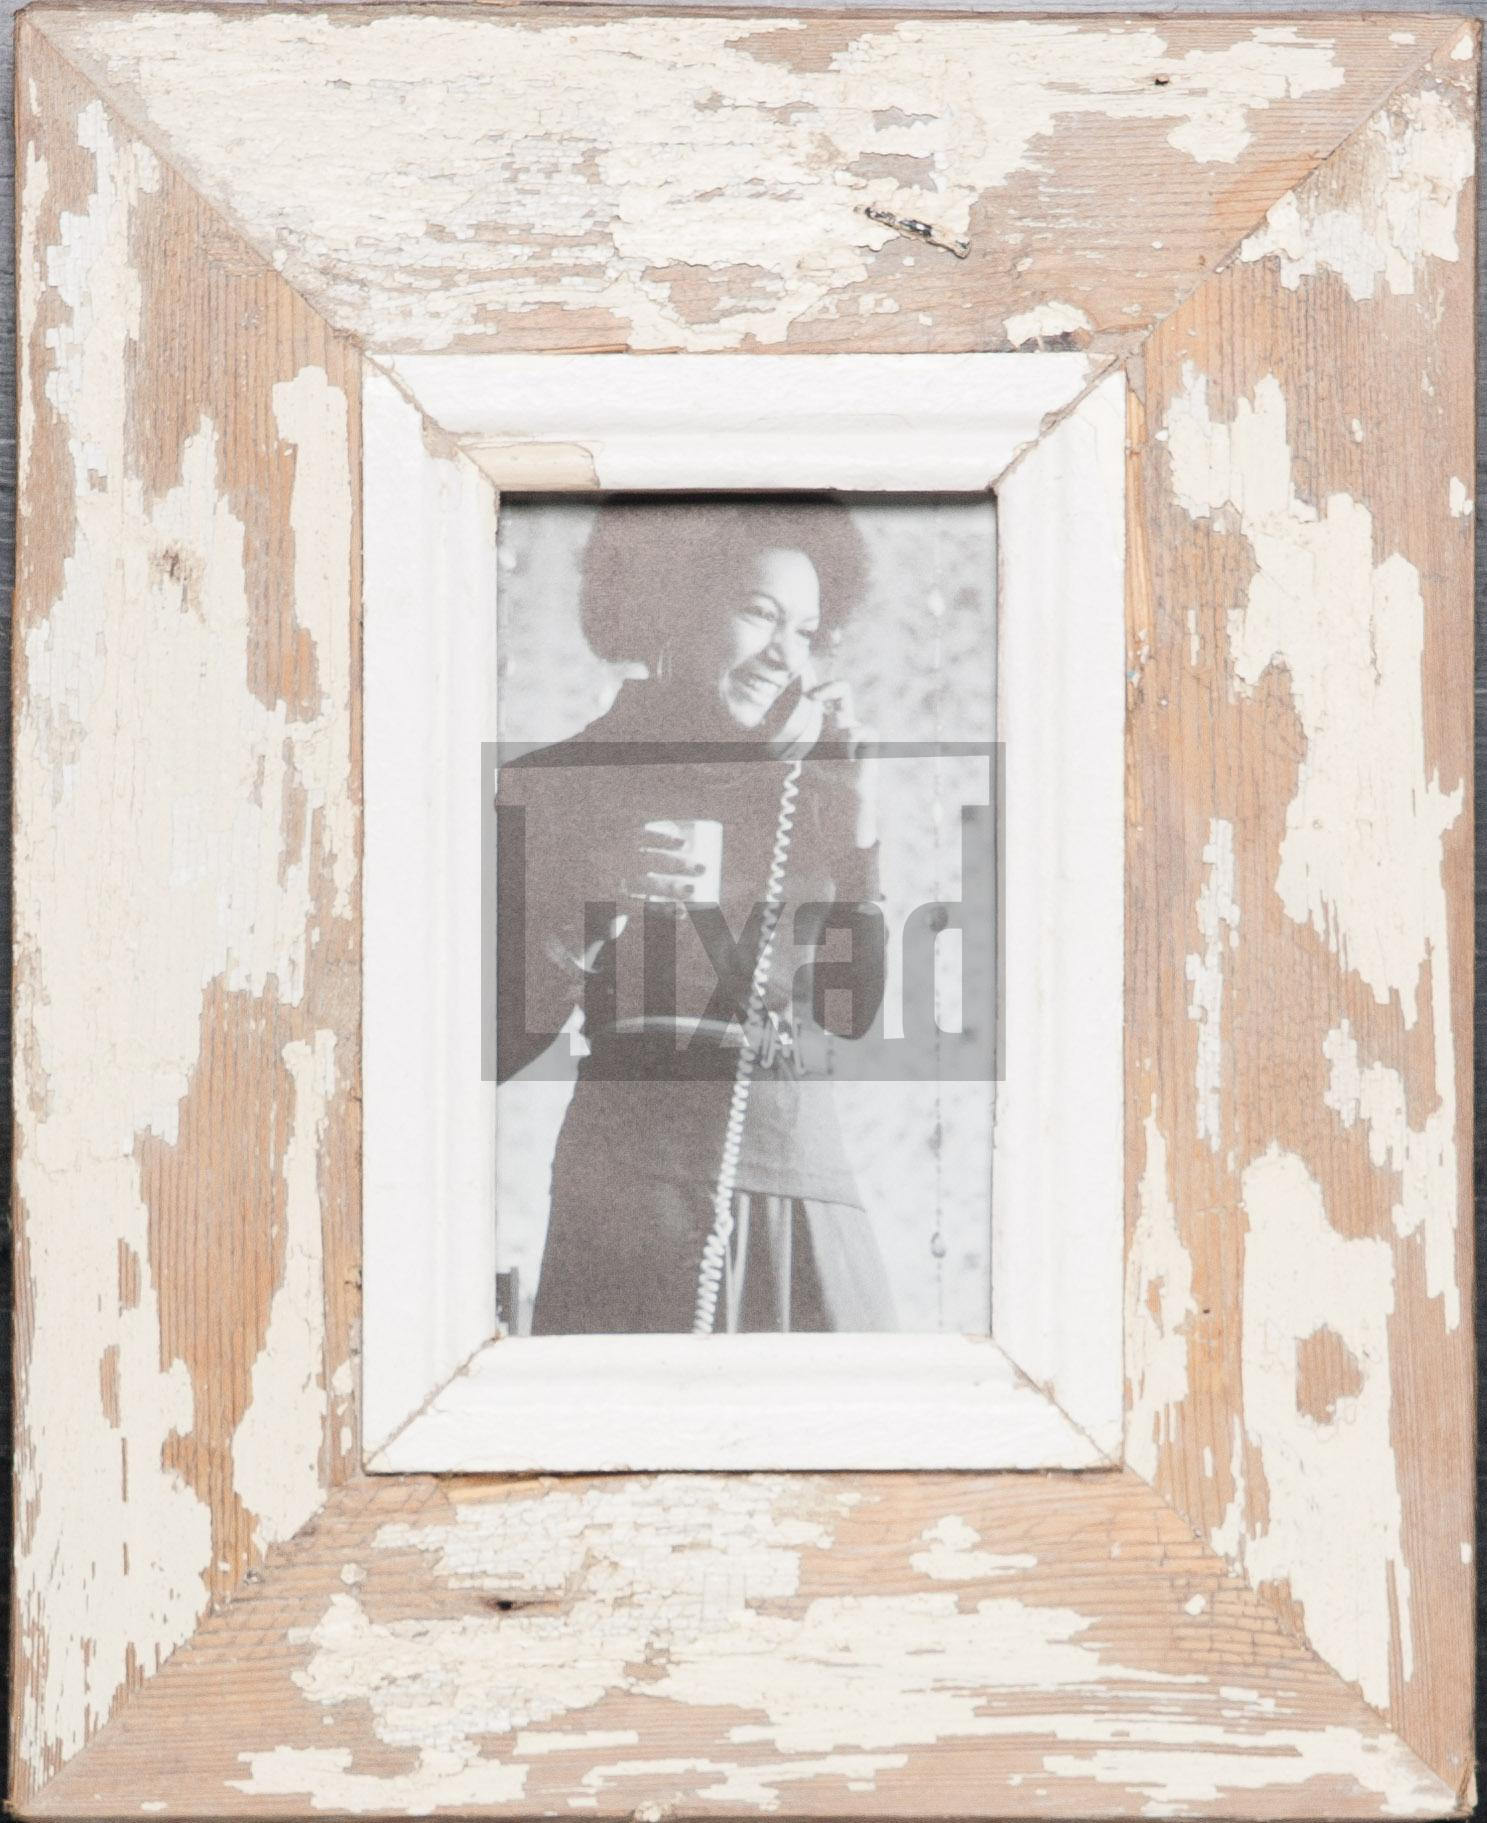 Bilderrahmen aus recyceltem Holz für kleine Fotos